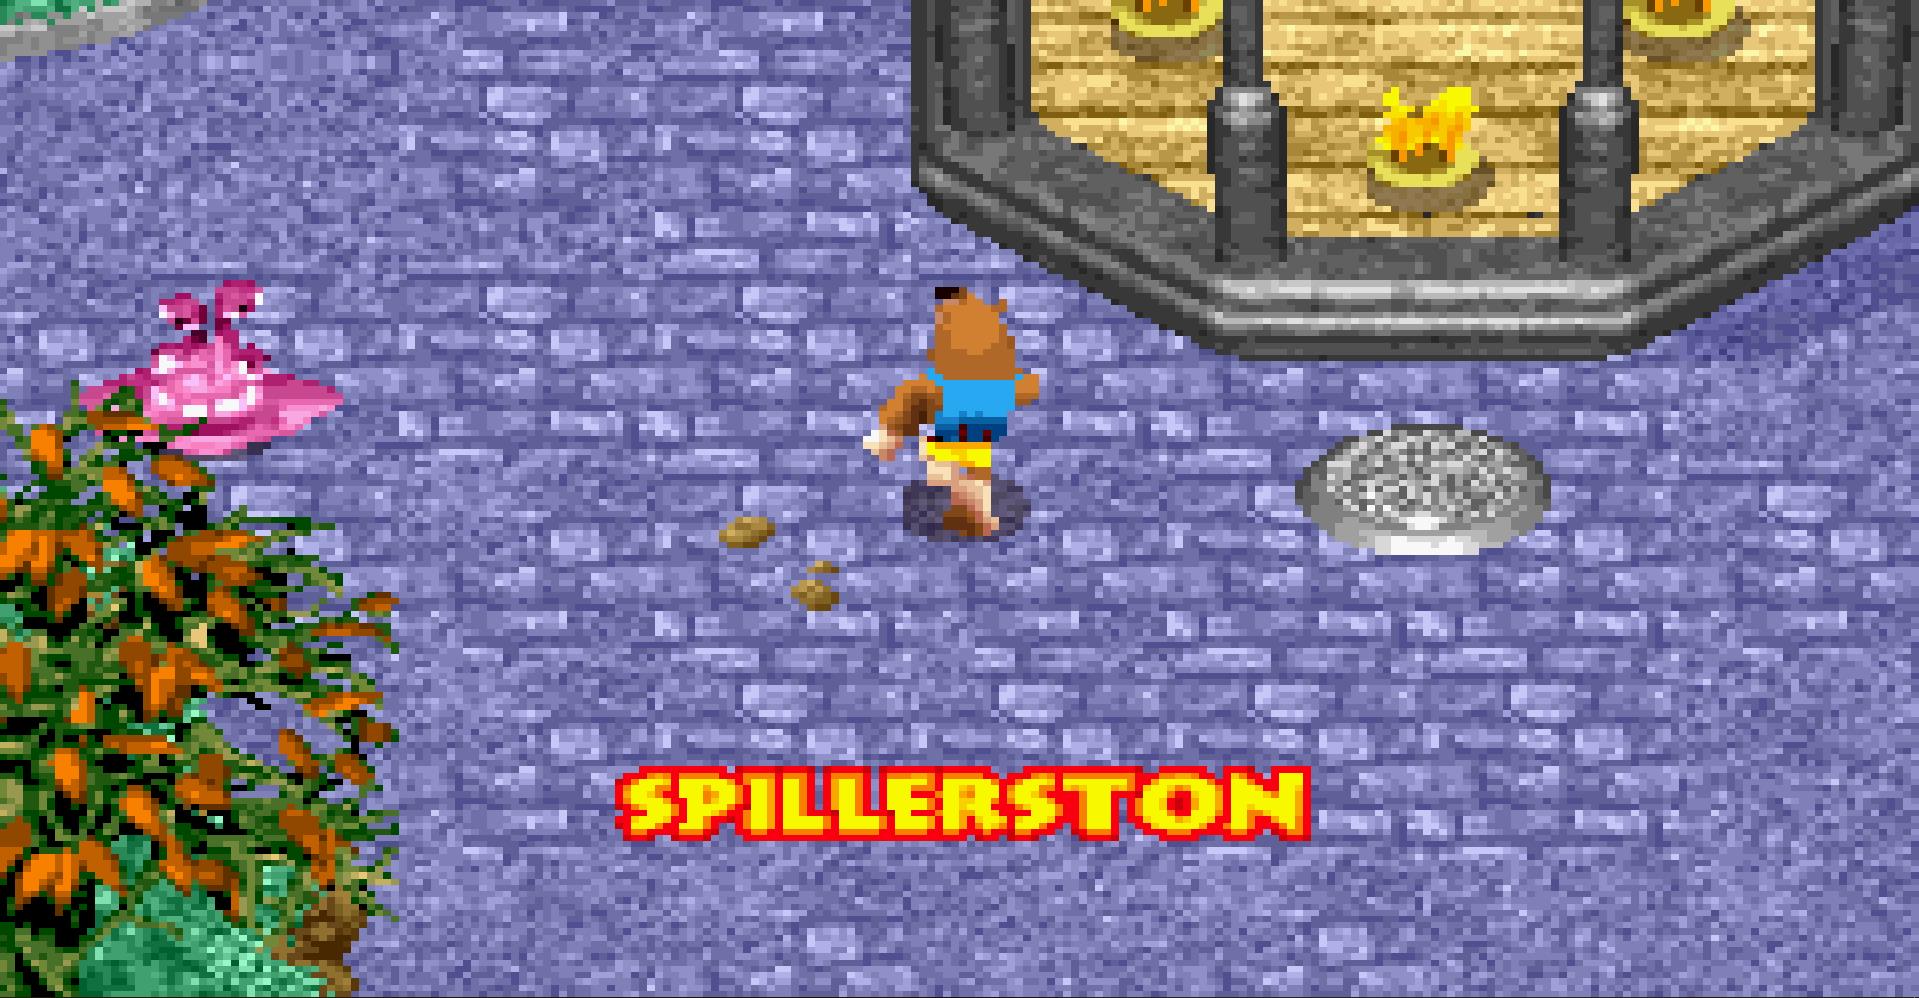 Spillerston